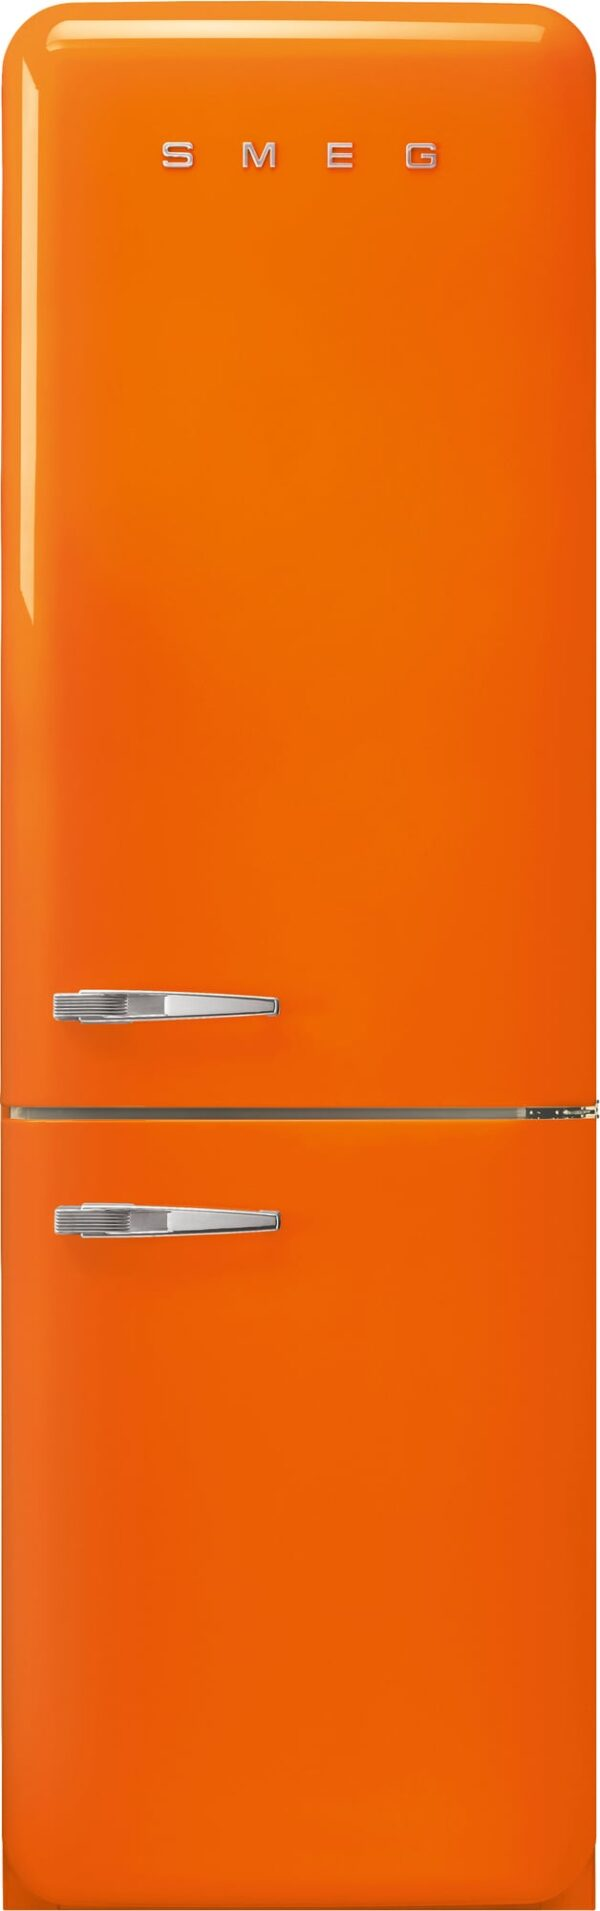 Smeg 50's Style kølefryseskab FAB32ROR5 (orange)